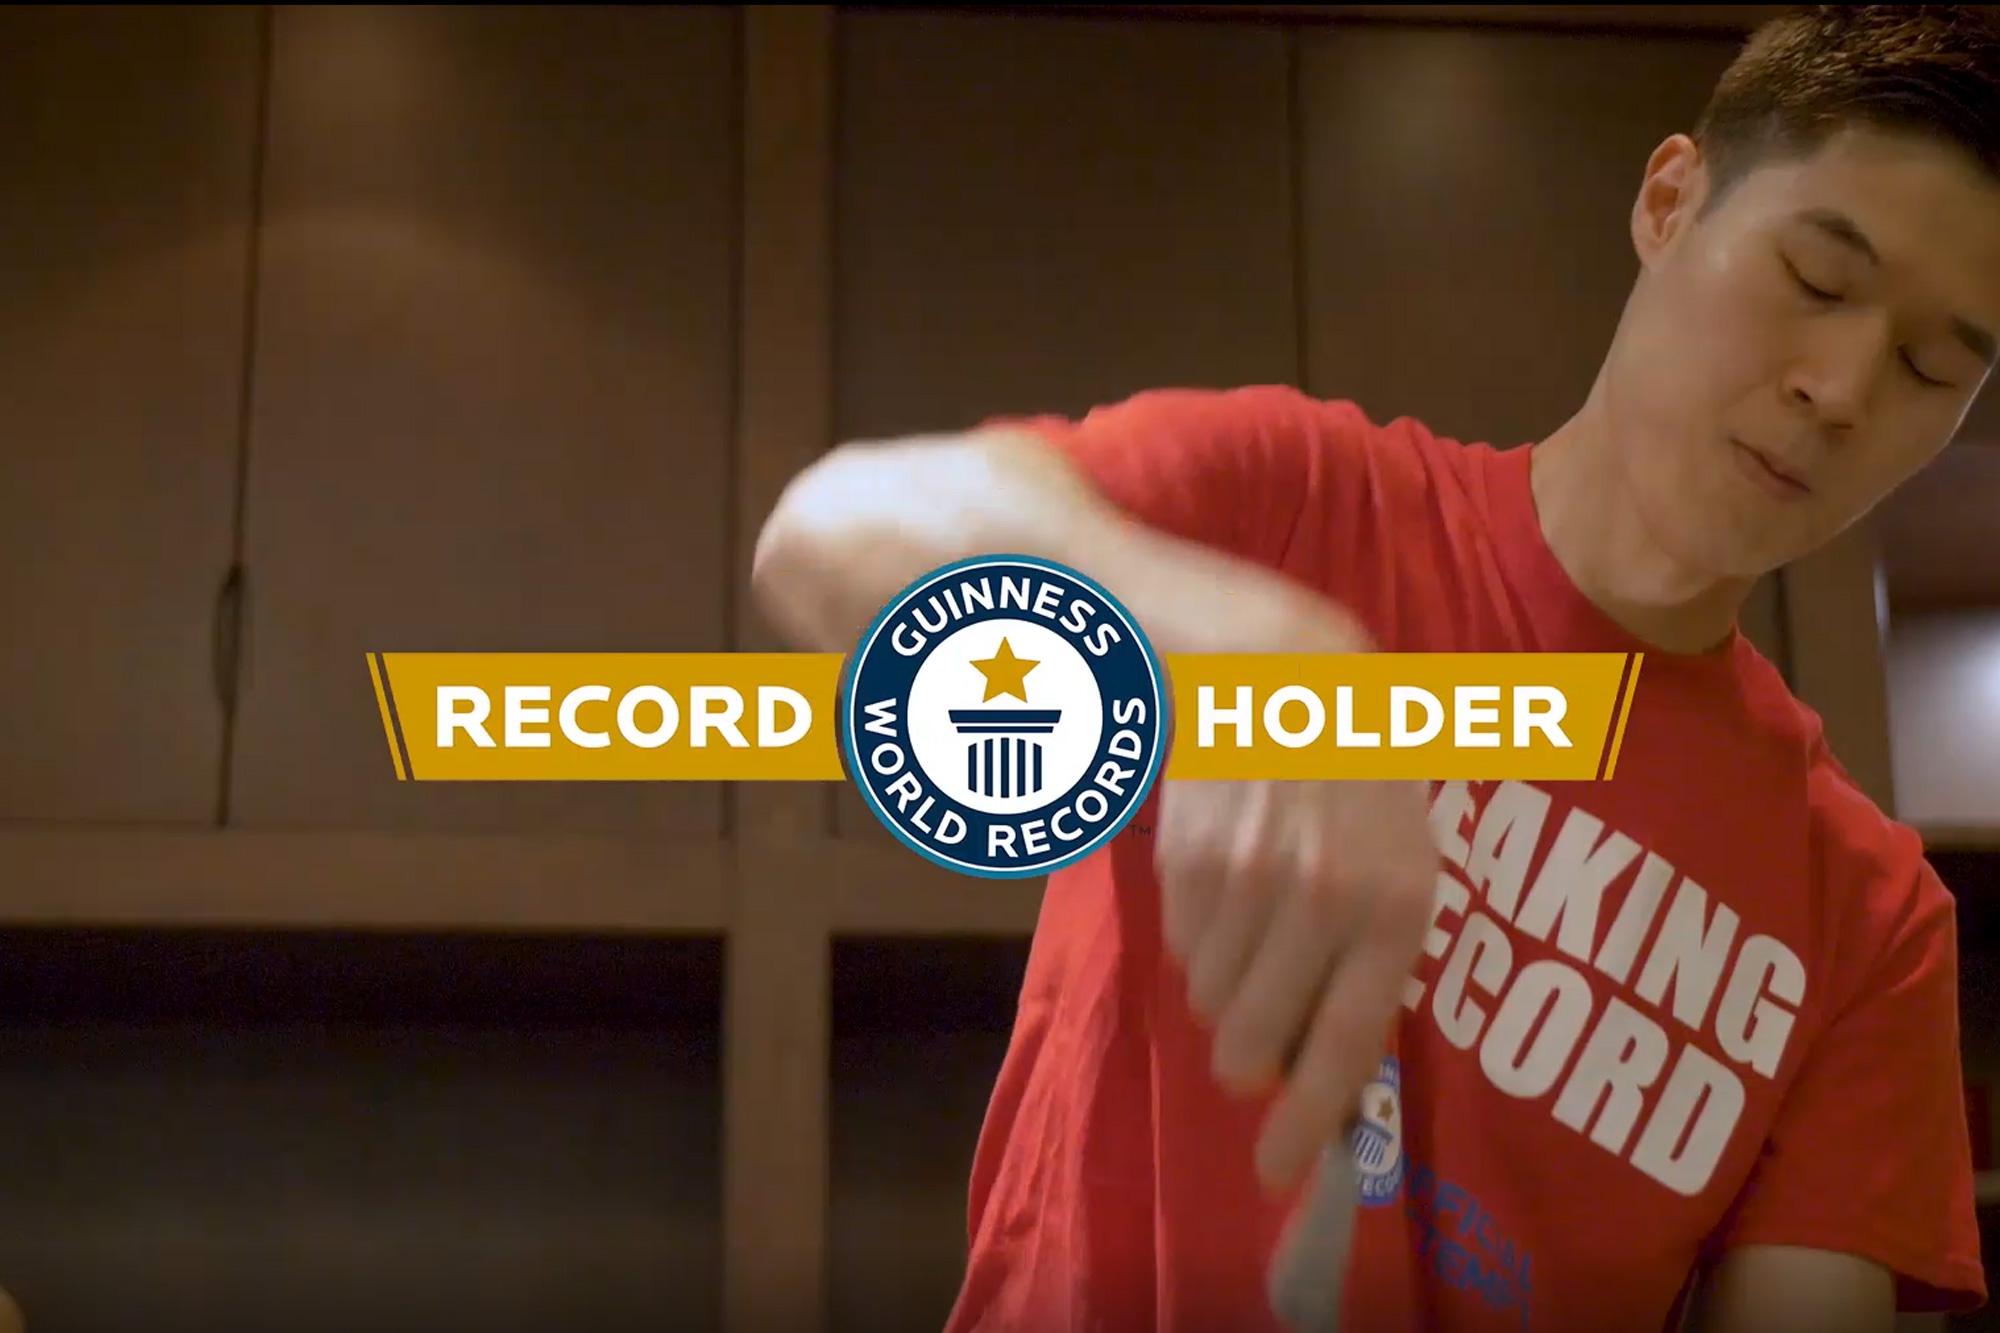 Benihana Guinness Record Holder